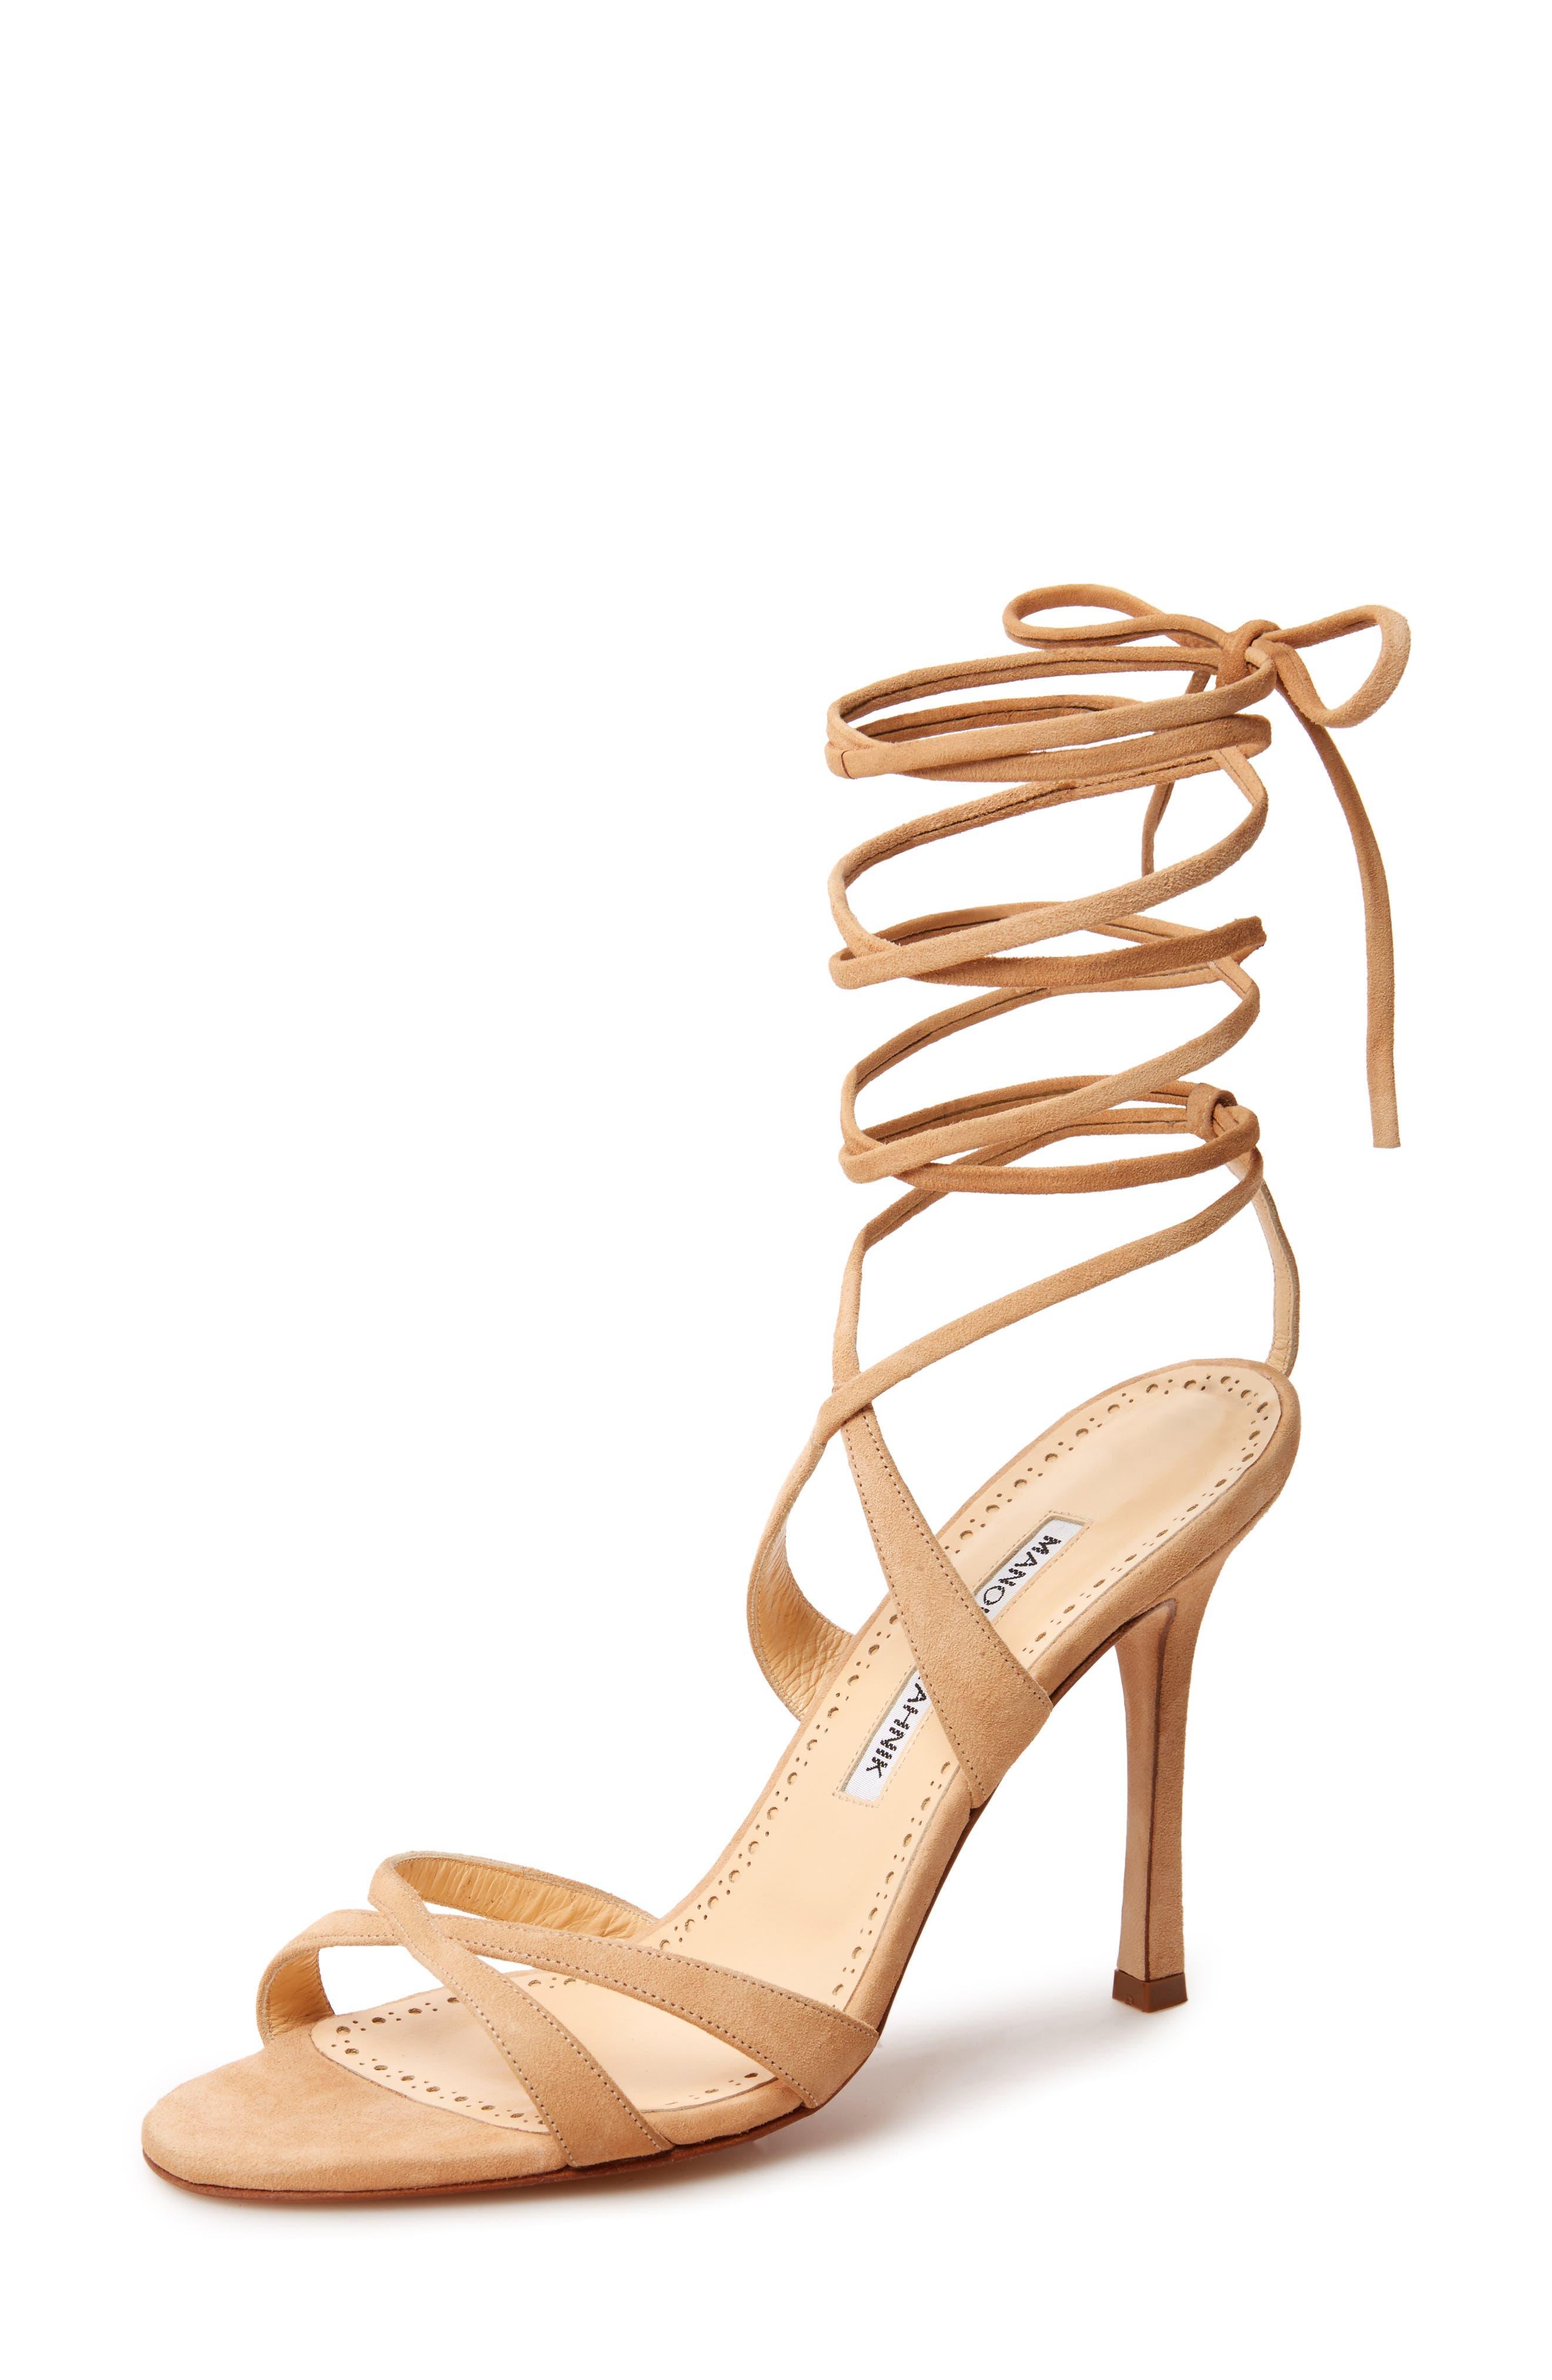 Criss Ankle Tie Sandal,                             Main thumbnail 1, color,                             Light Camel